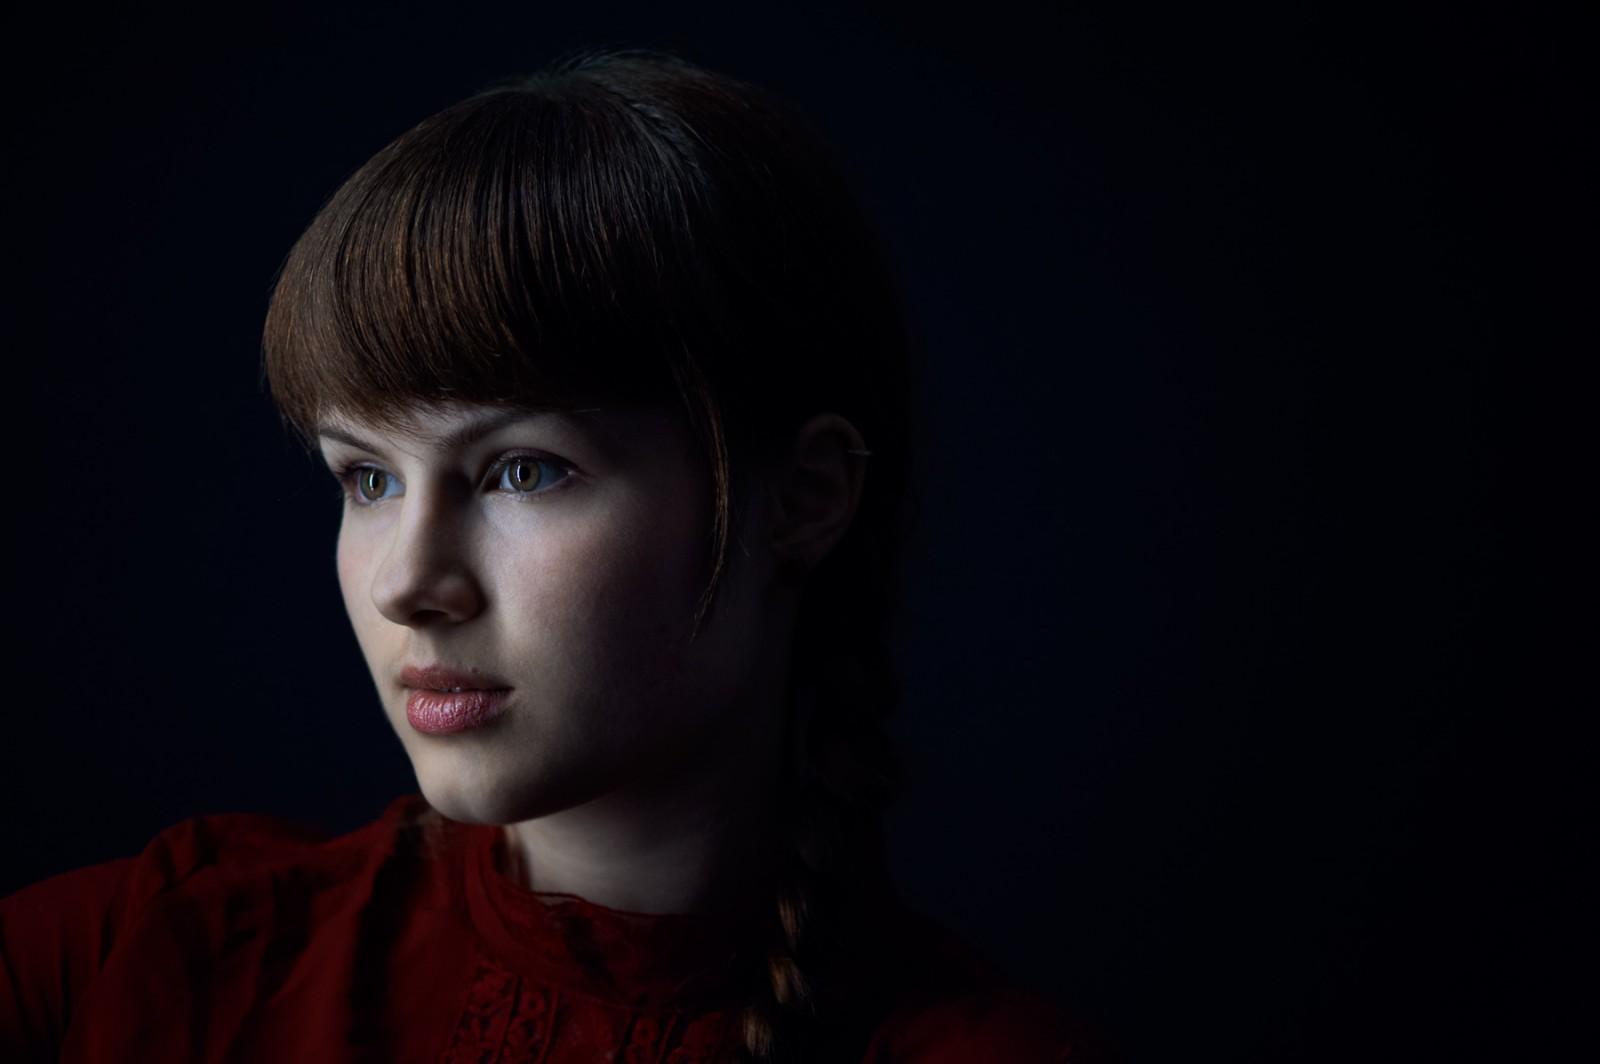 Portrait lowkey jeune femme, 3 quart, fond noir uni